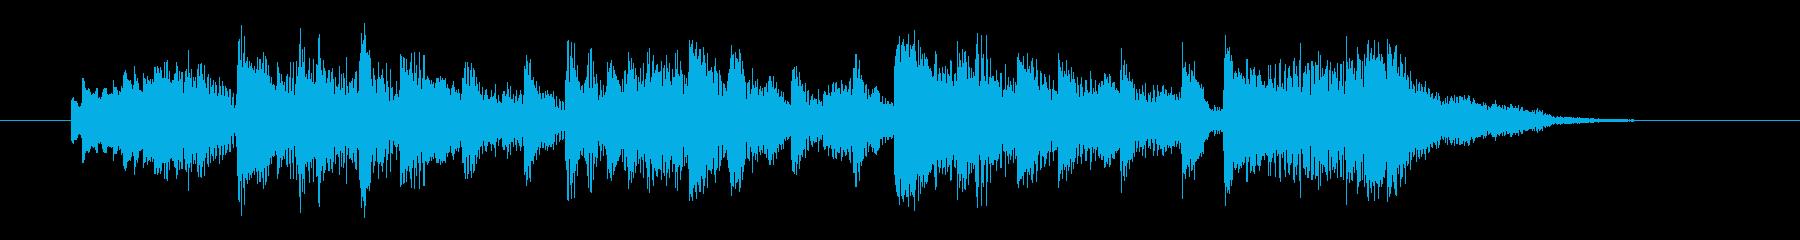 ゆったり和風なシンセサウンドの再生済みの波形